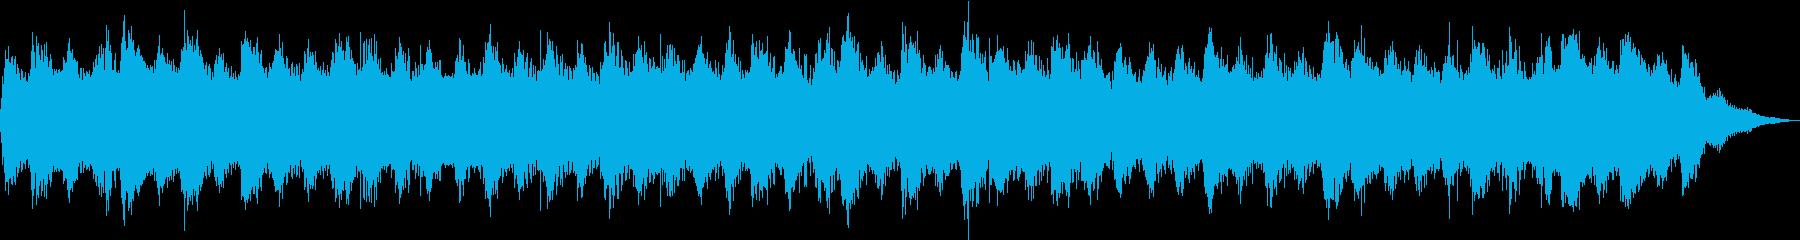 優しく広がるサウンドの再生済みの波形